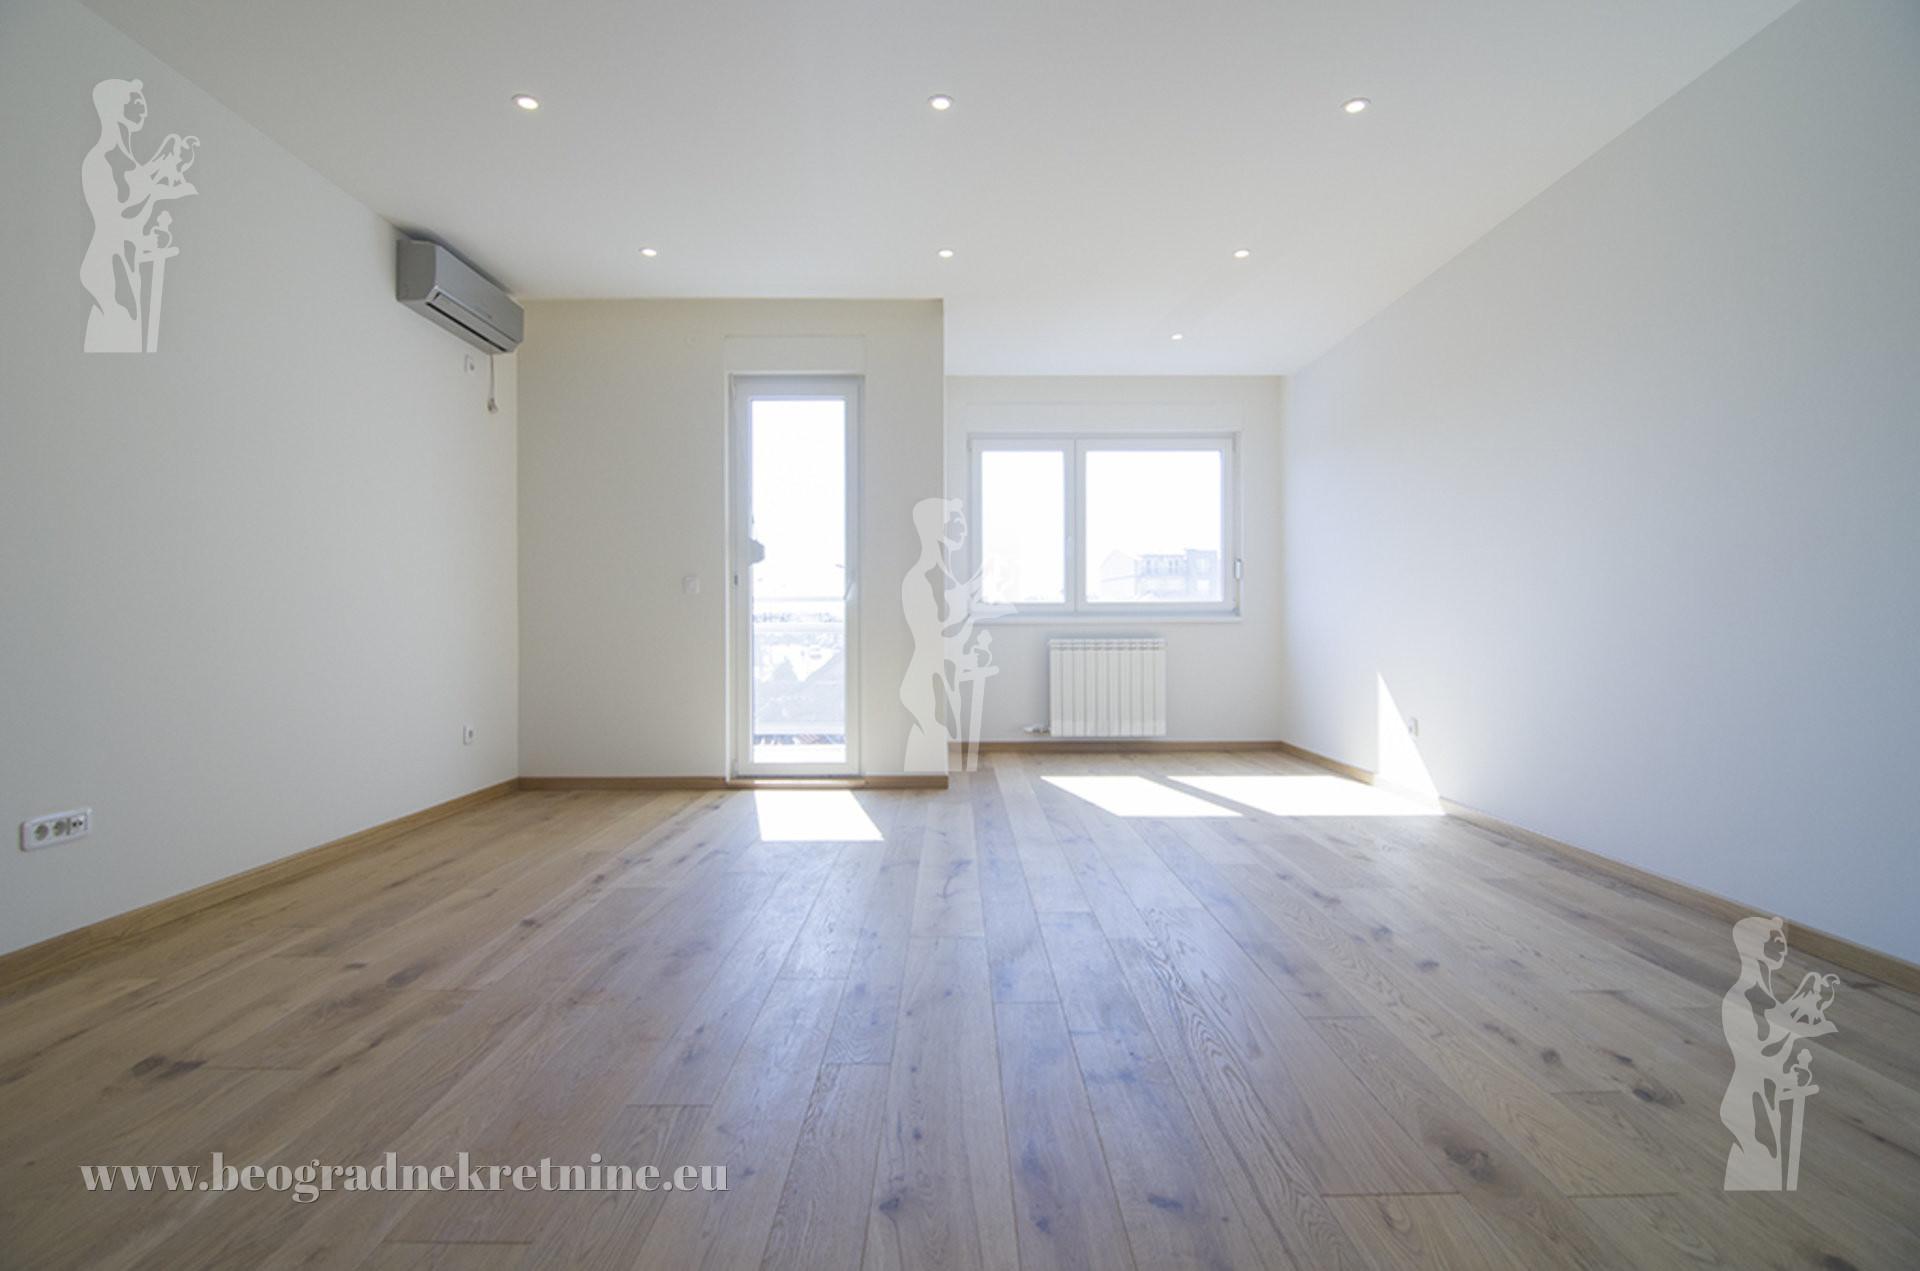 Lux stan u novogradnji 4 0 100m2 III 2T Cg g